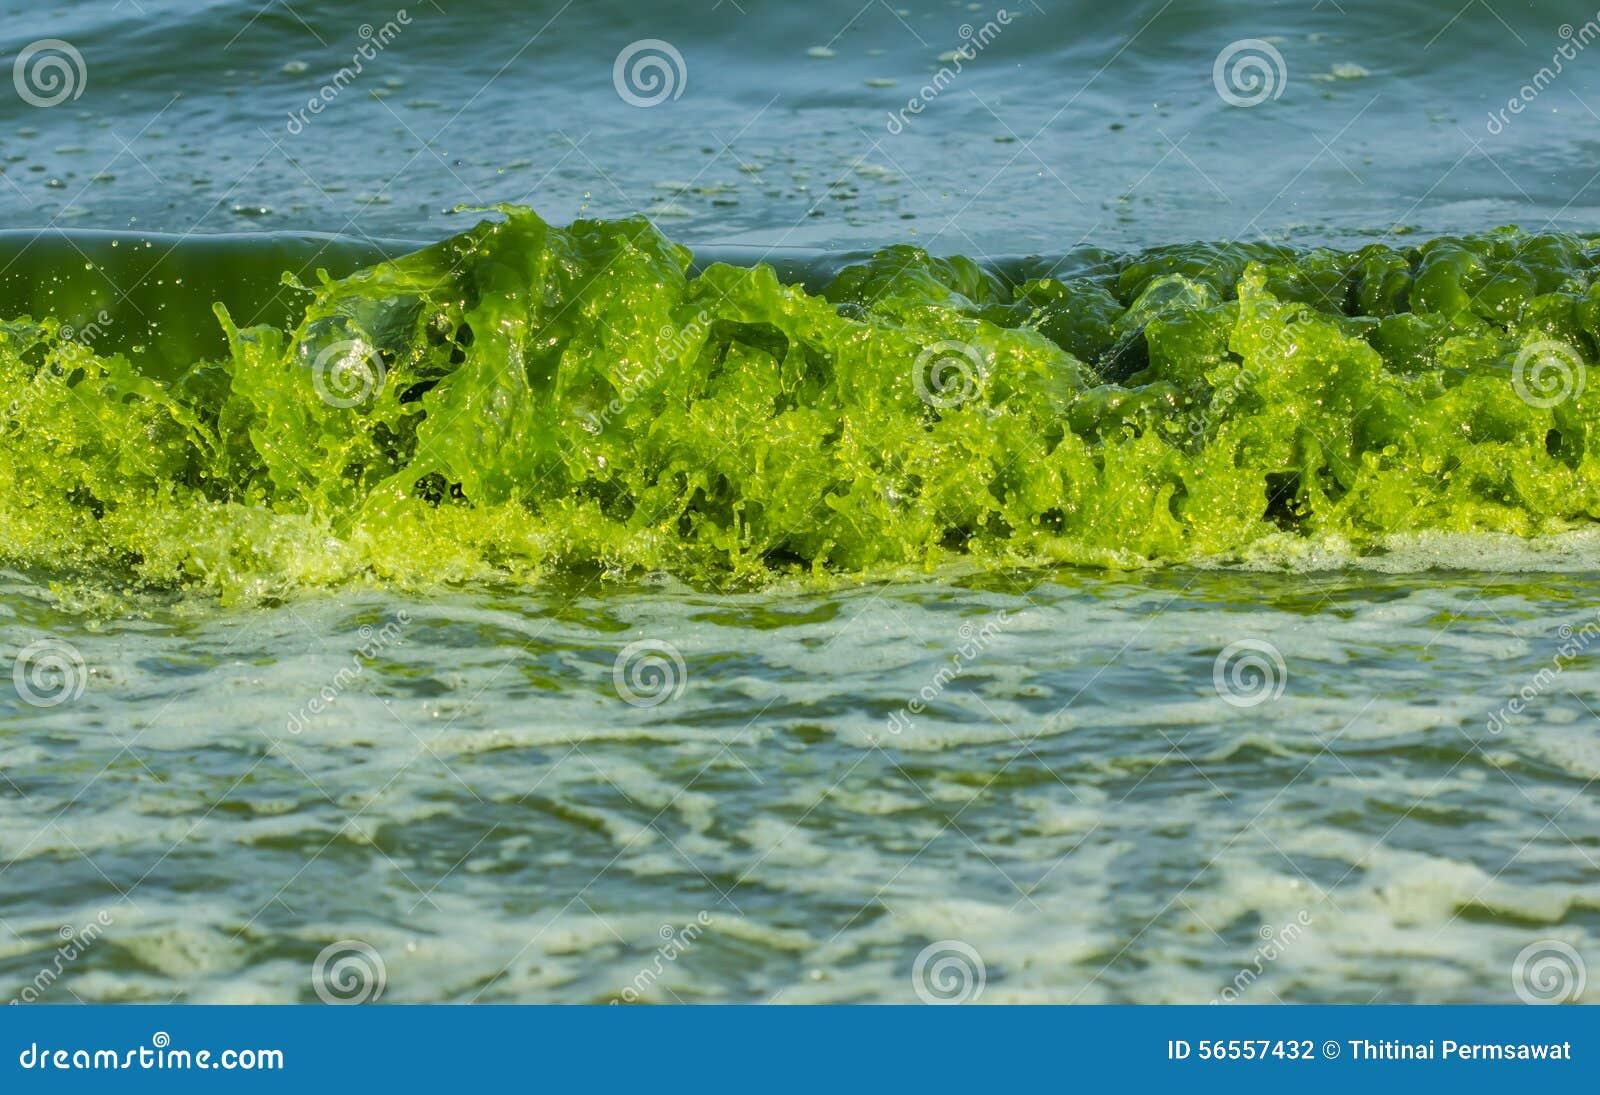 Download Luminescence πράσινης θάλασσας Στοκ Εικόνες - εικόνα από χρώμα, οδηγημένος: 56557432